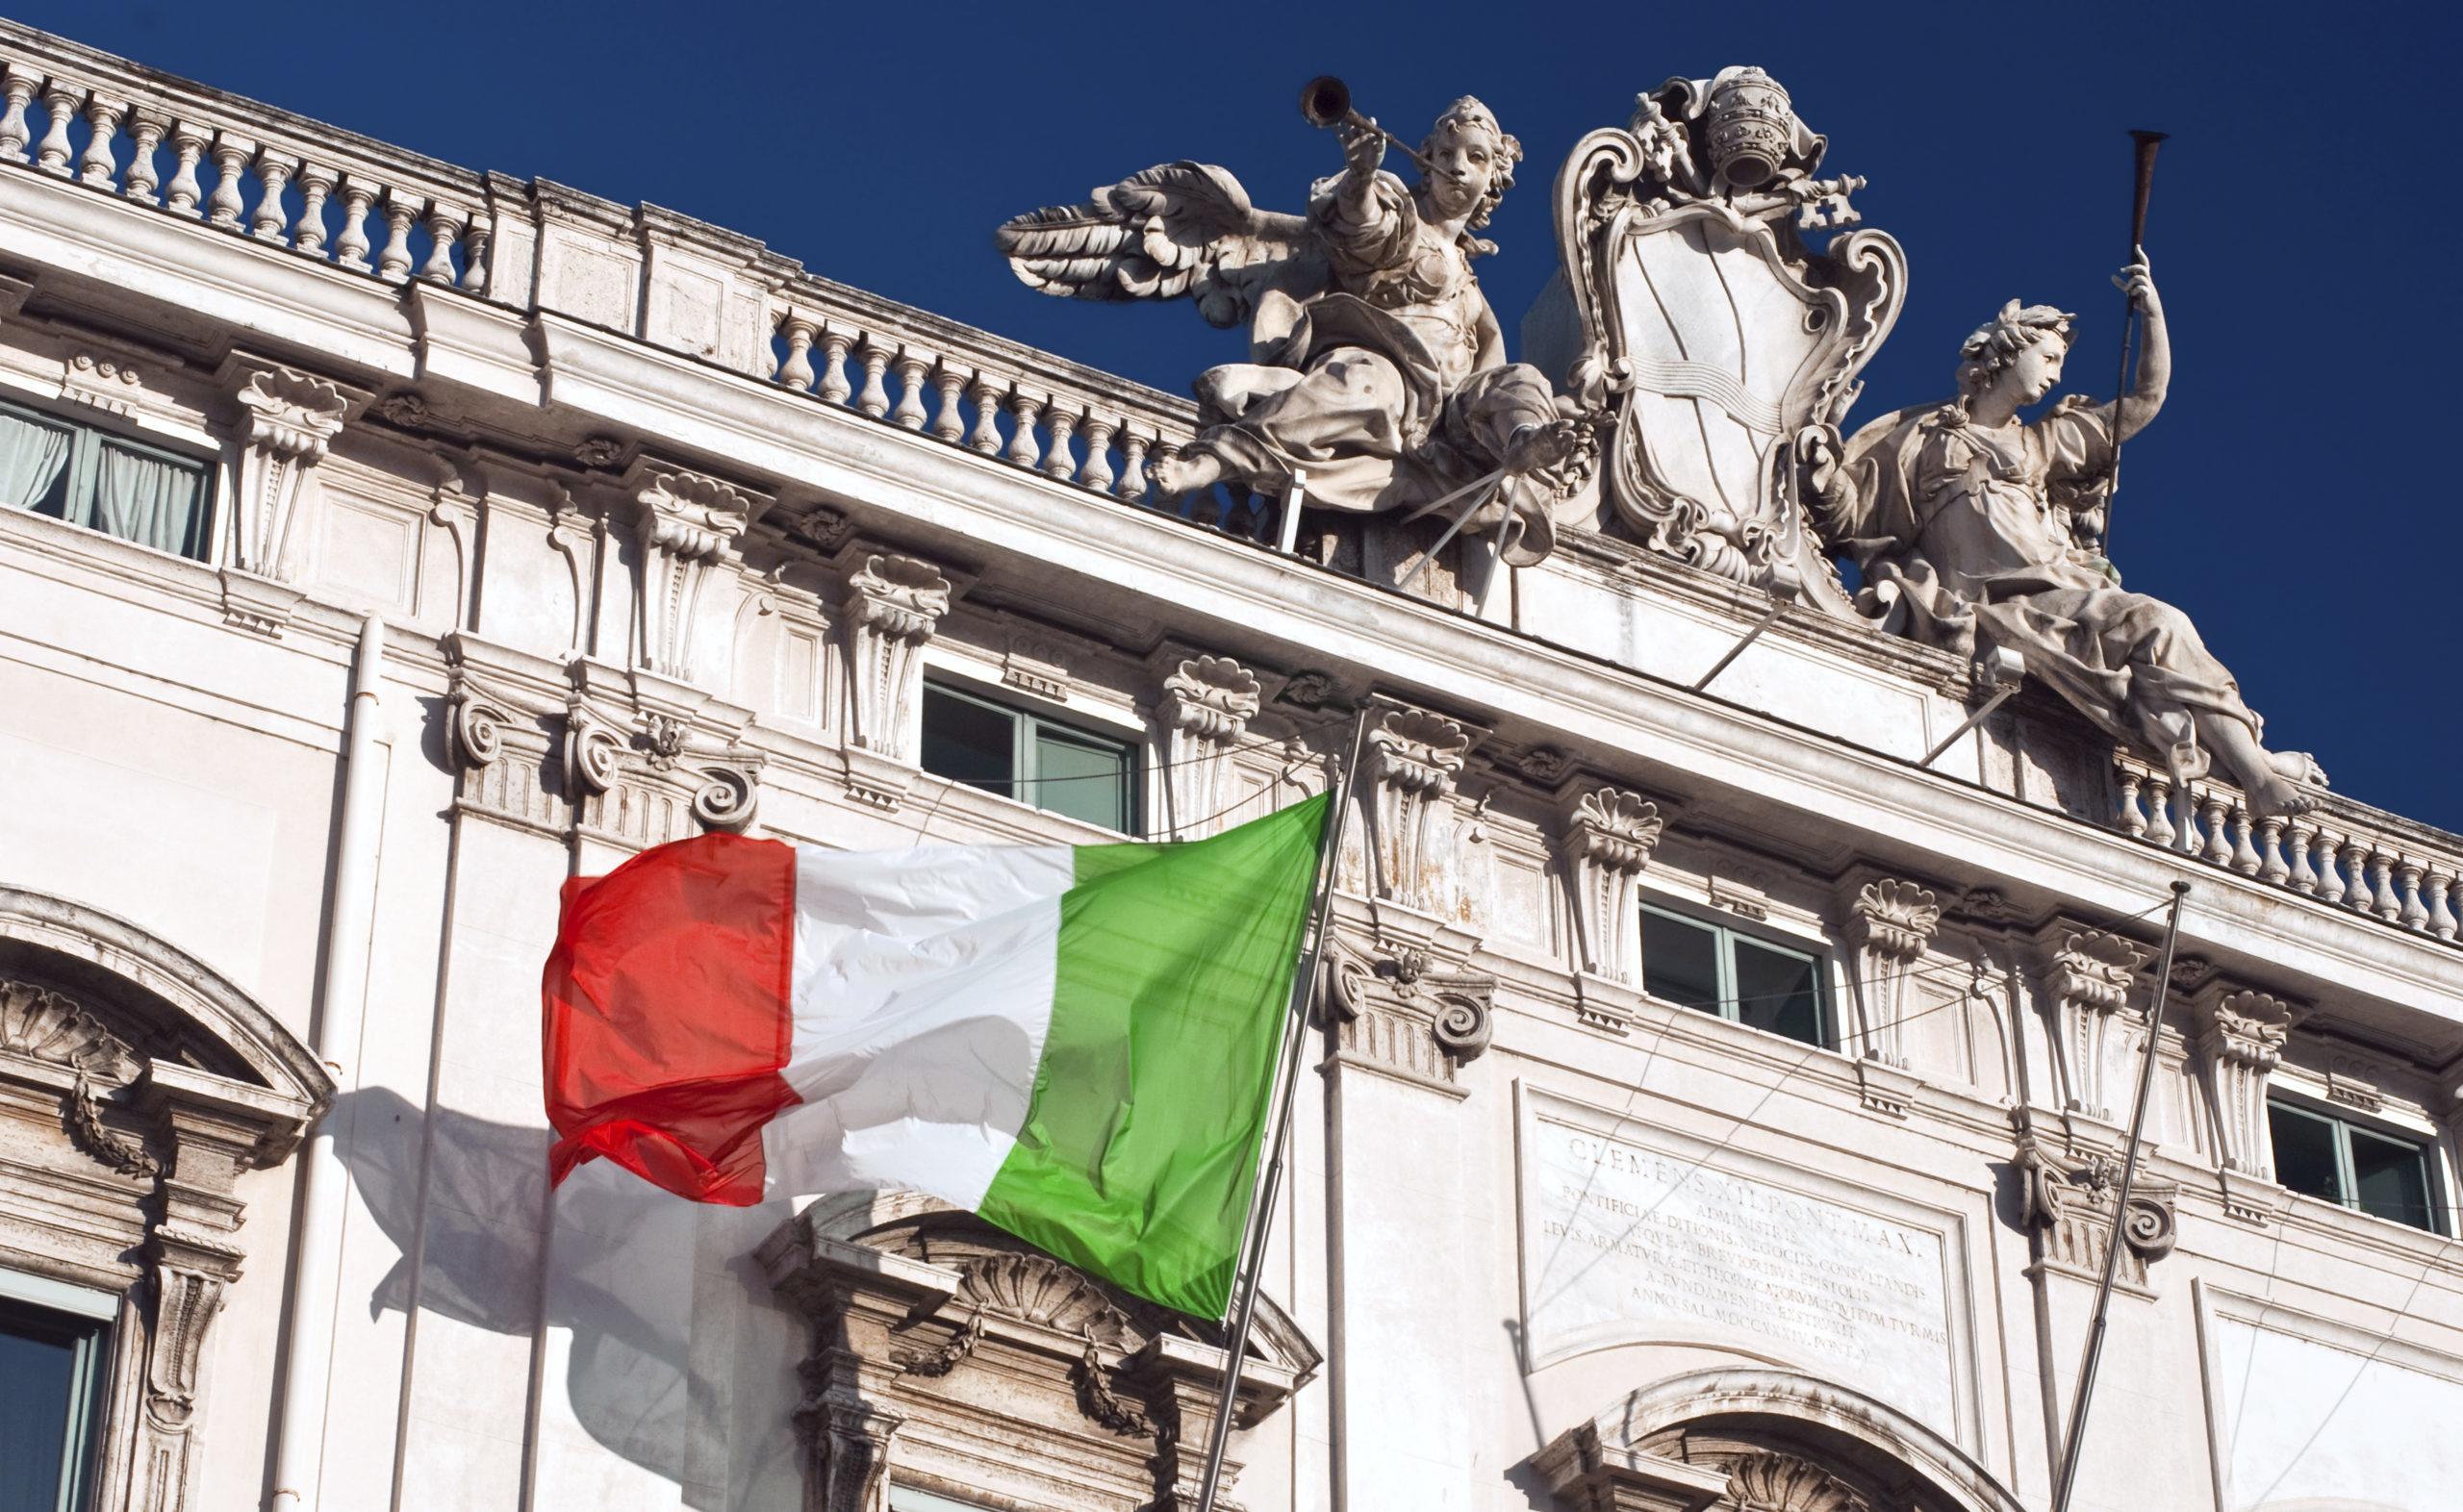 Italia impone la segunda multa más alta en Europa por infracción del RGPD: 27,8 millones de euros